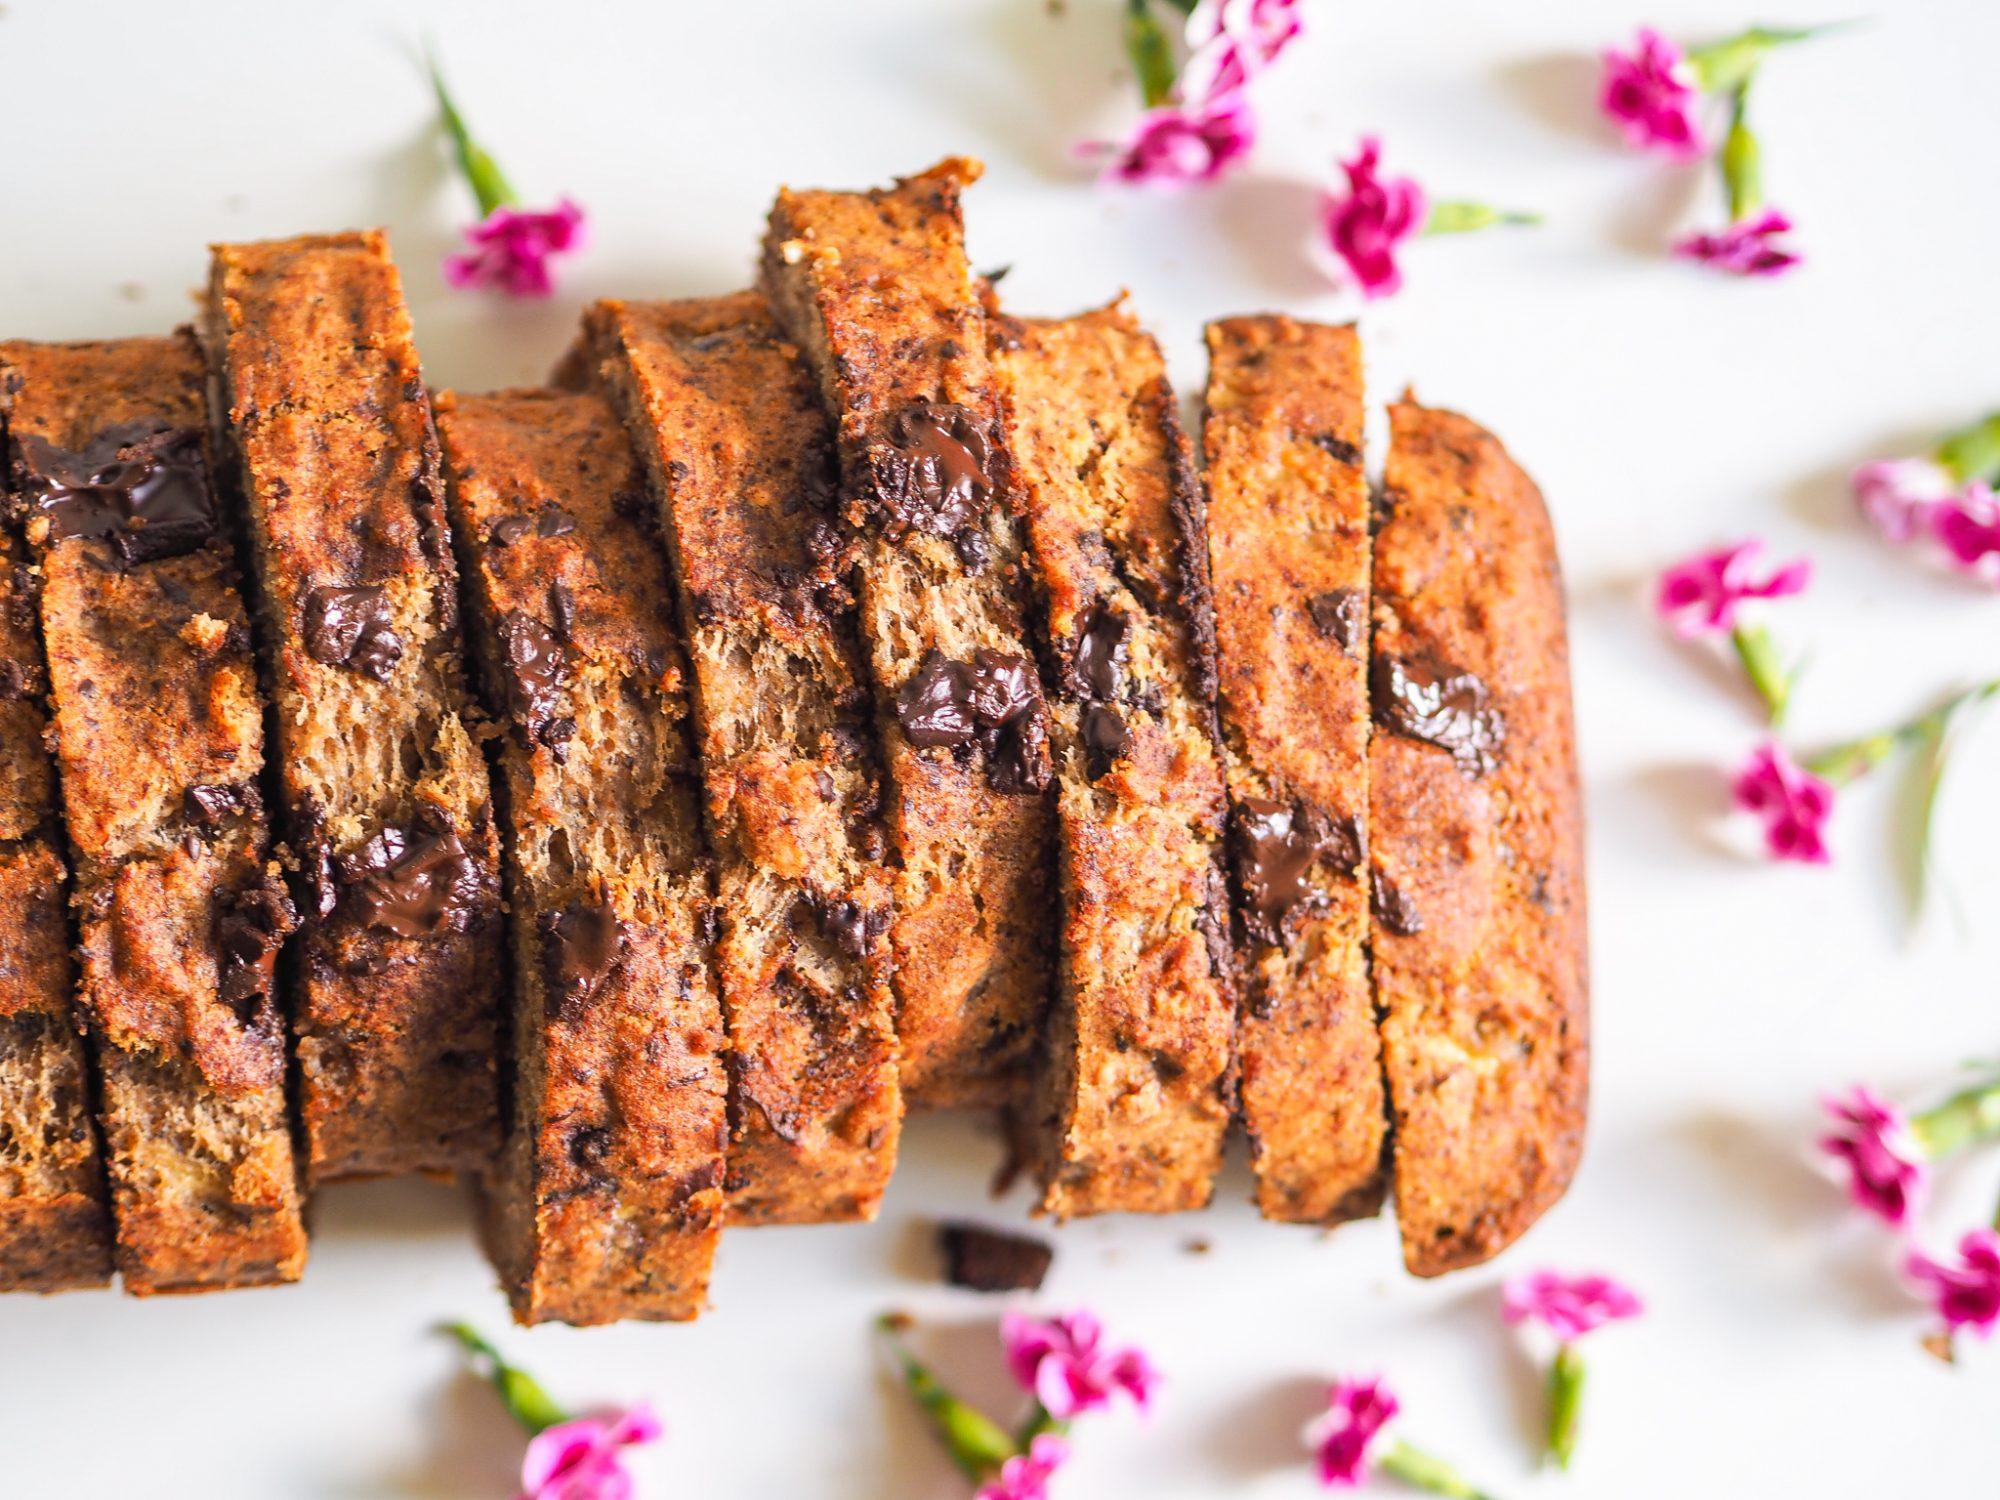 Gluten-free healthy banana bread